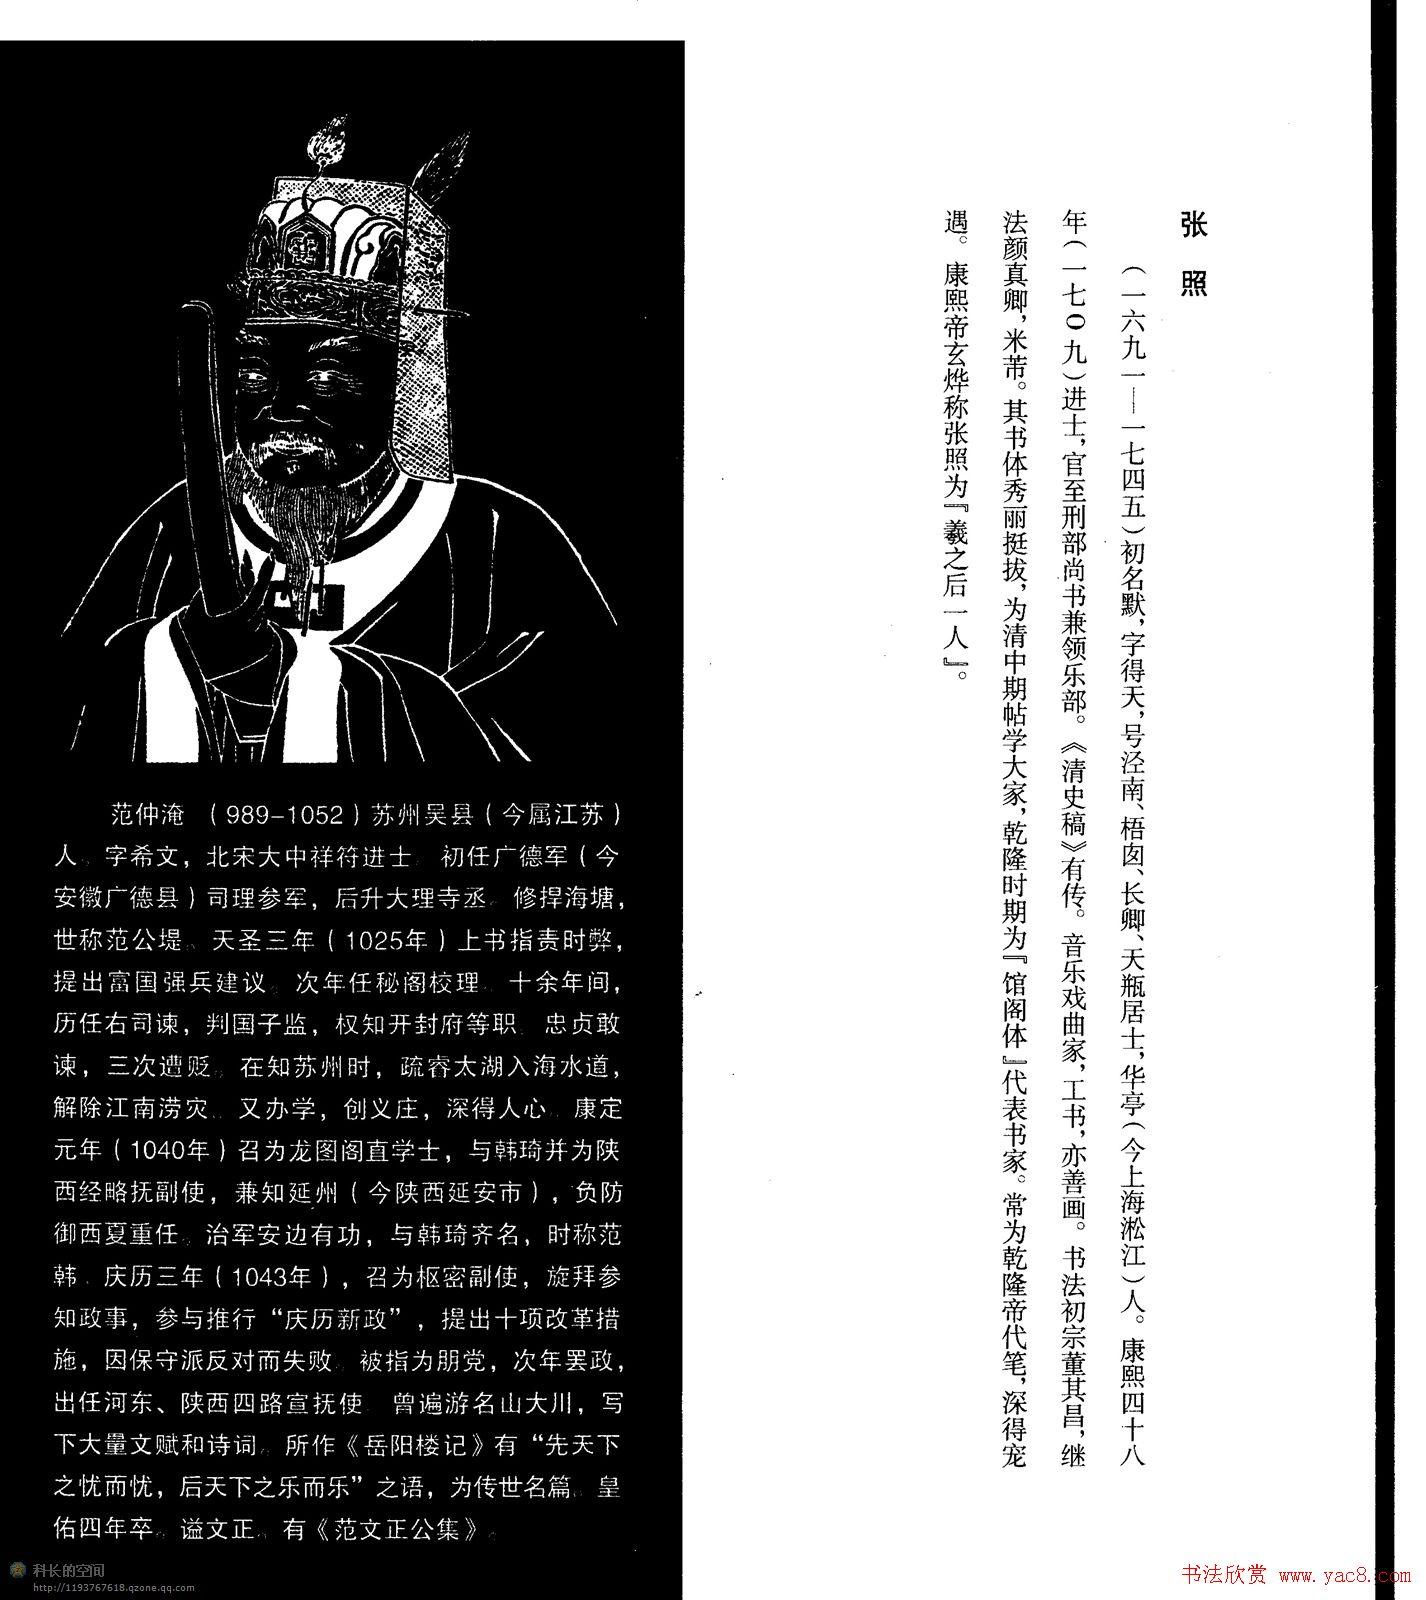 清代张照馆阁体书法《岳阳楼记》